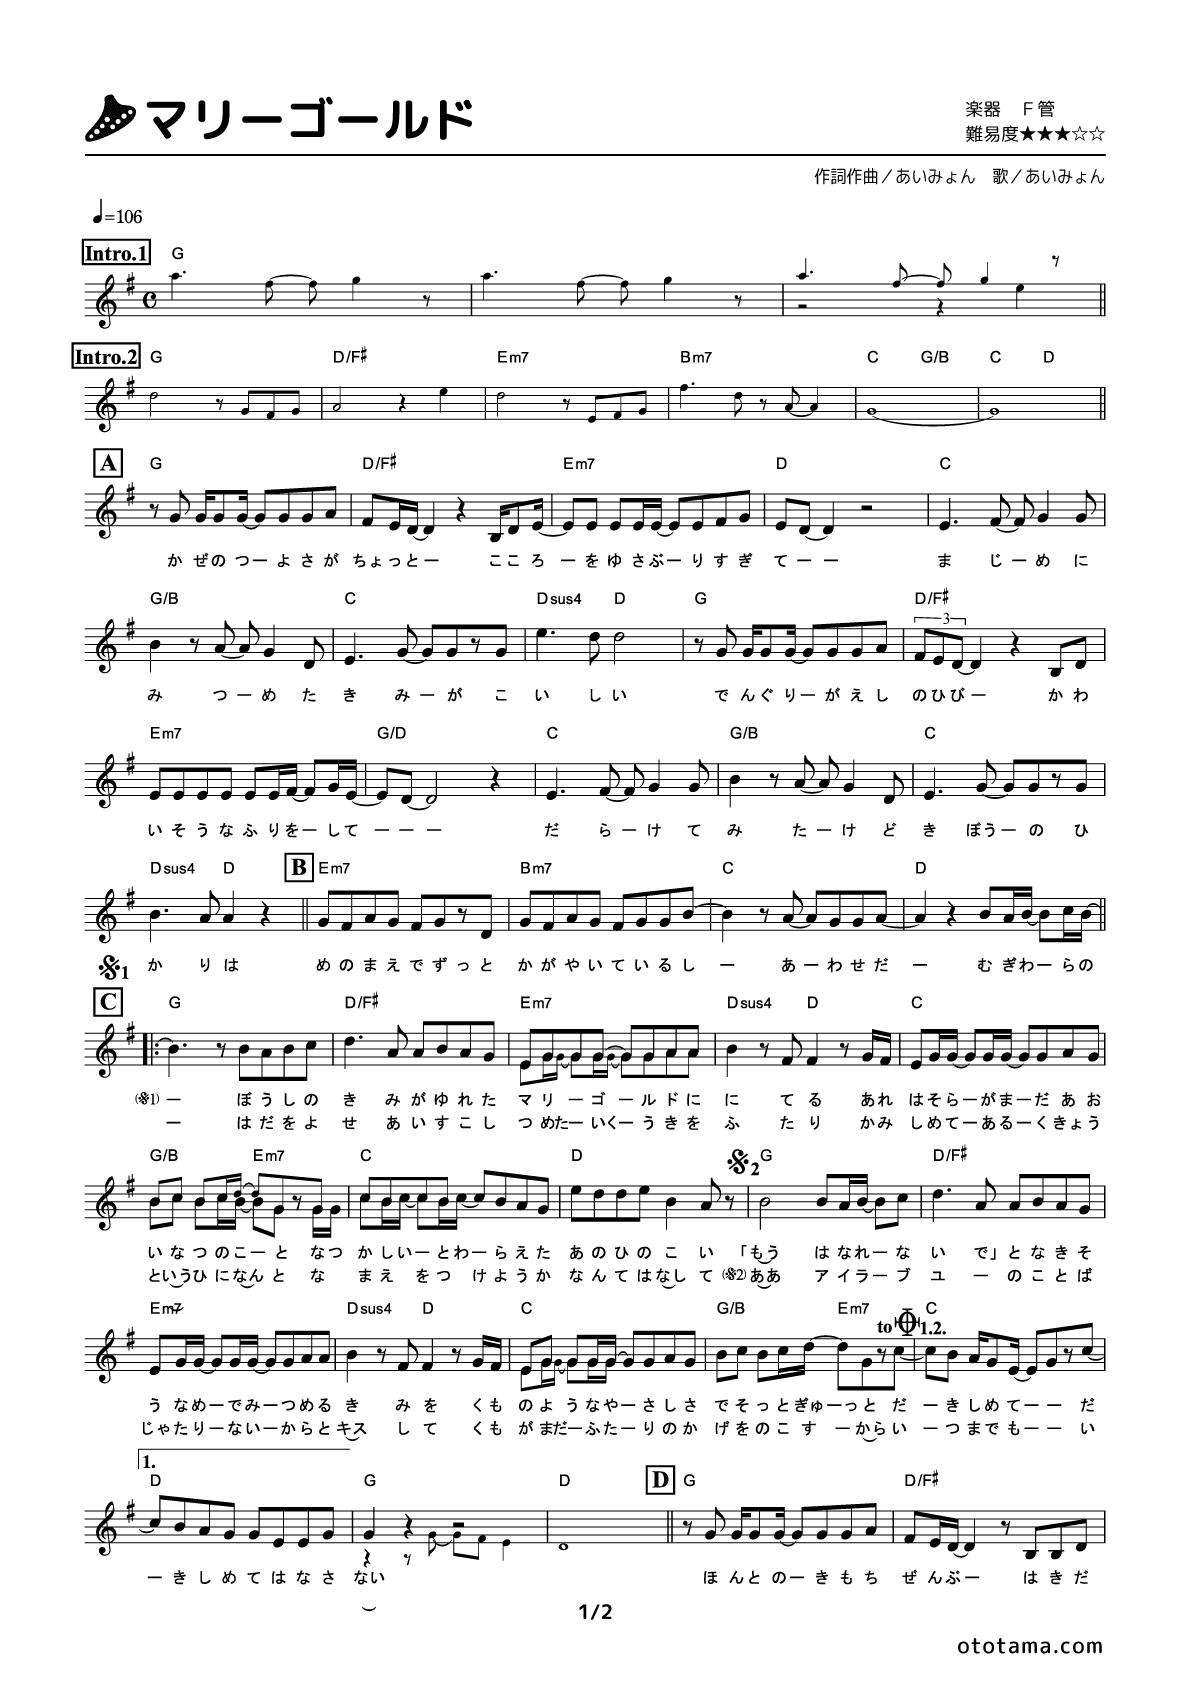 歌詞 あいみょん マリーゴールド あいみょん『マリーゴールド』歌詞の考察と解釈